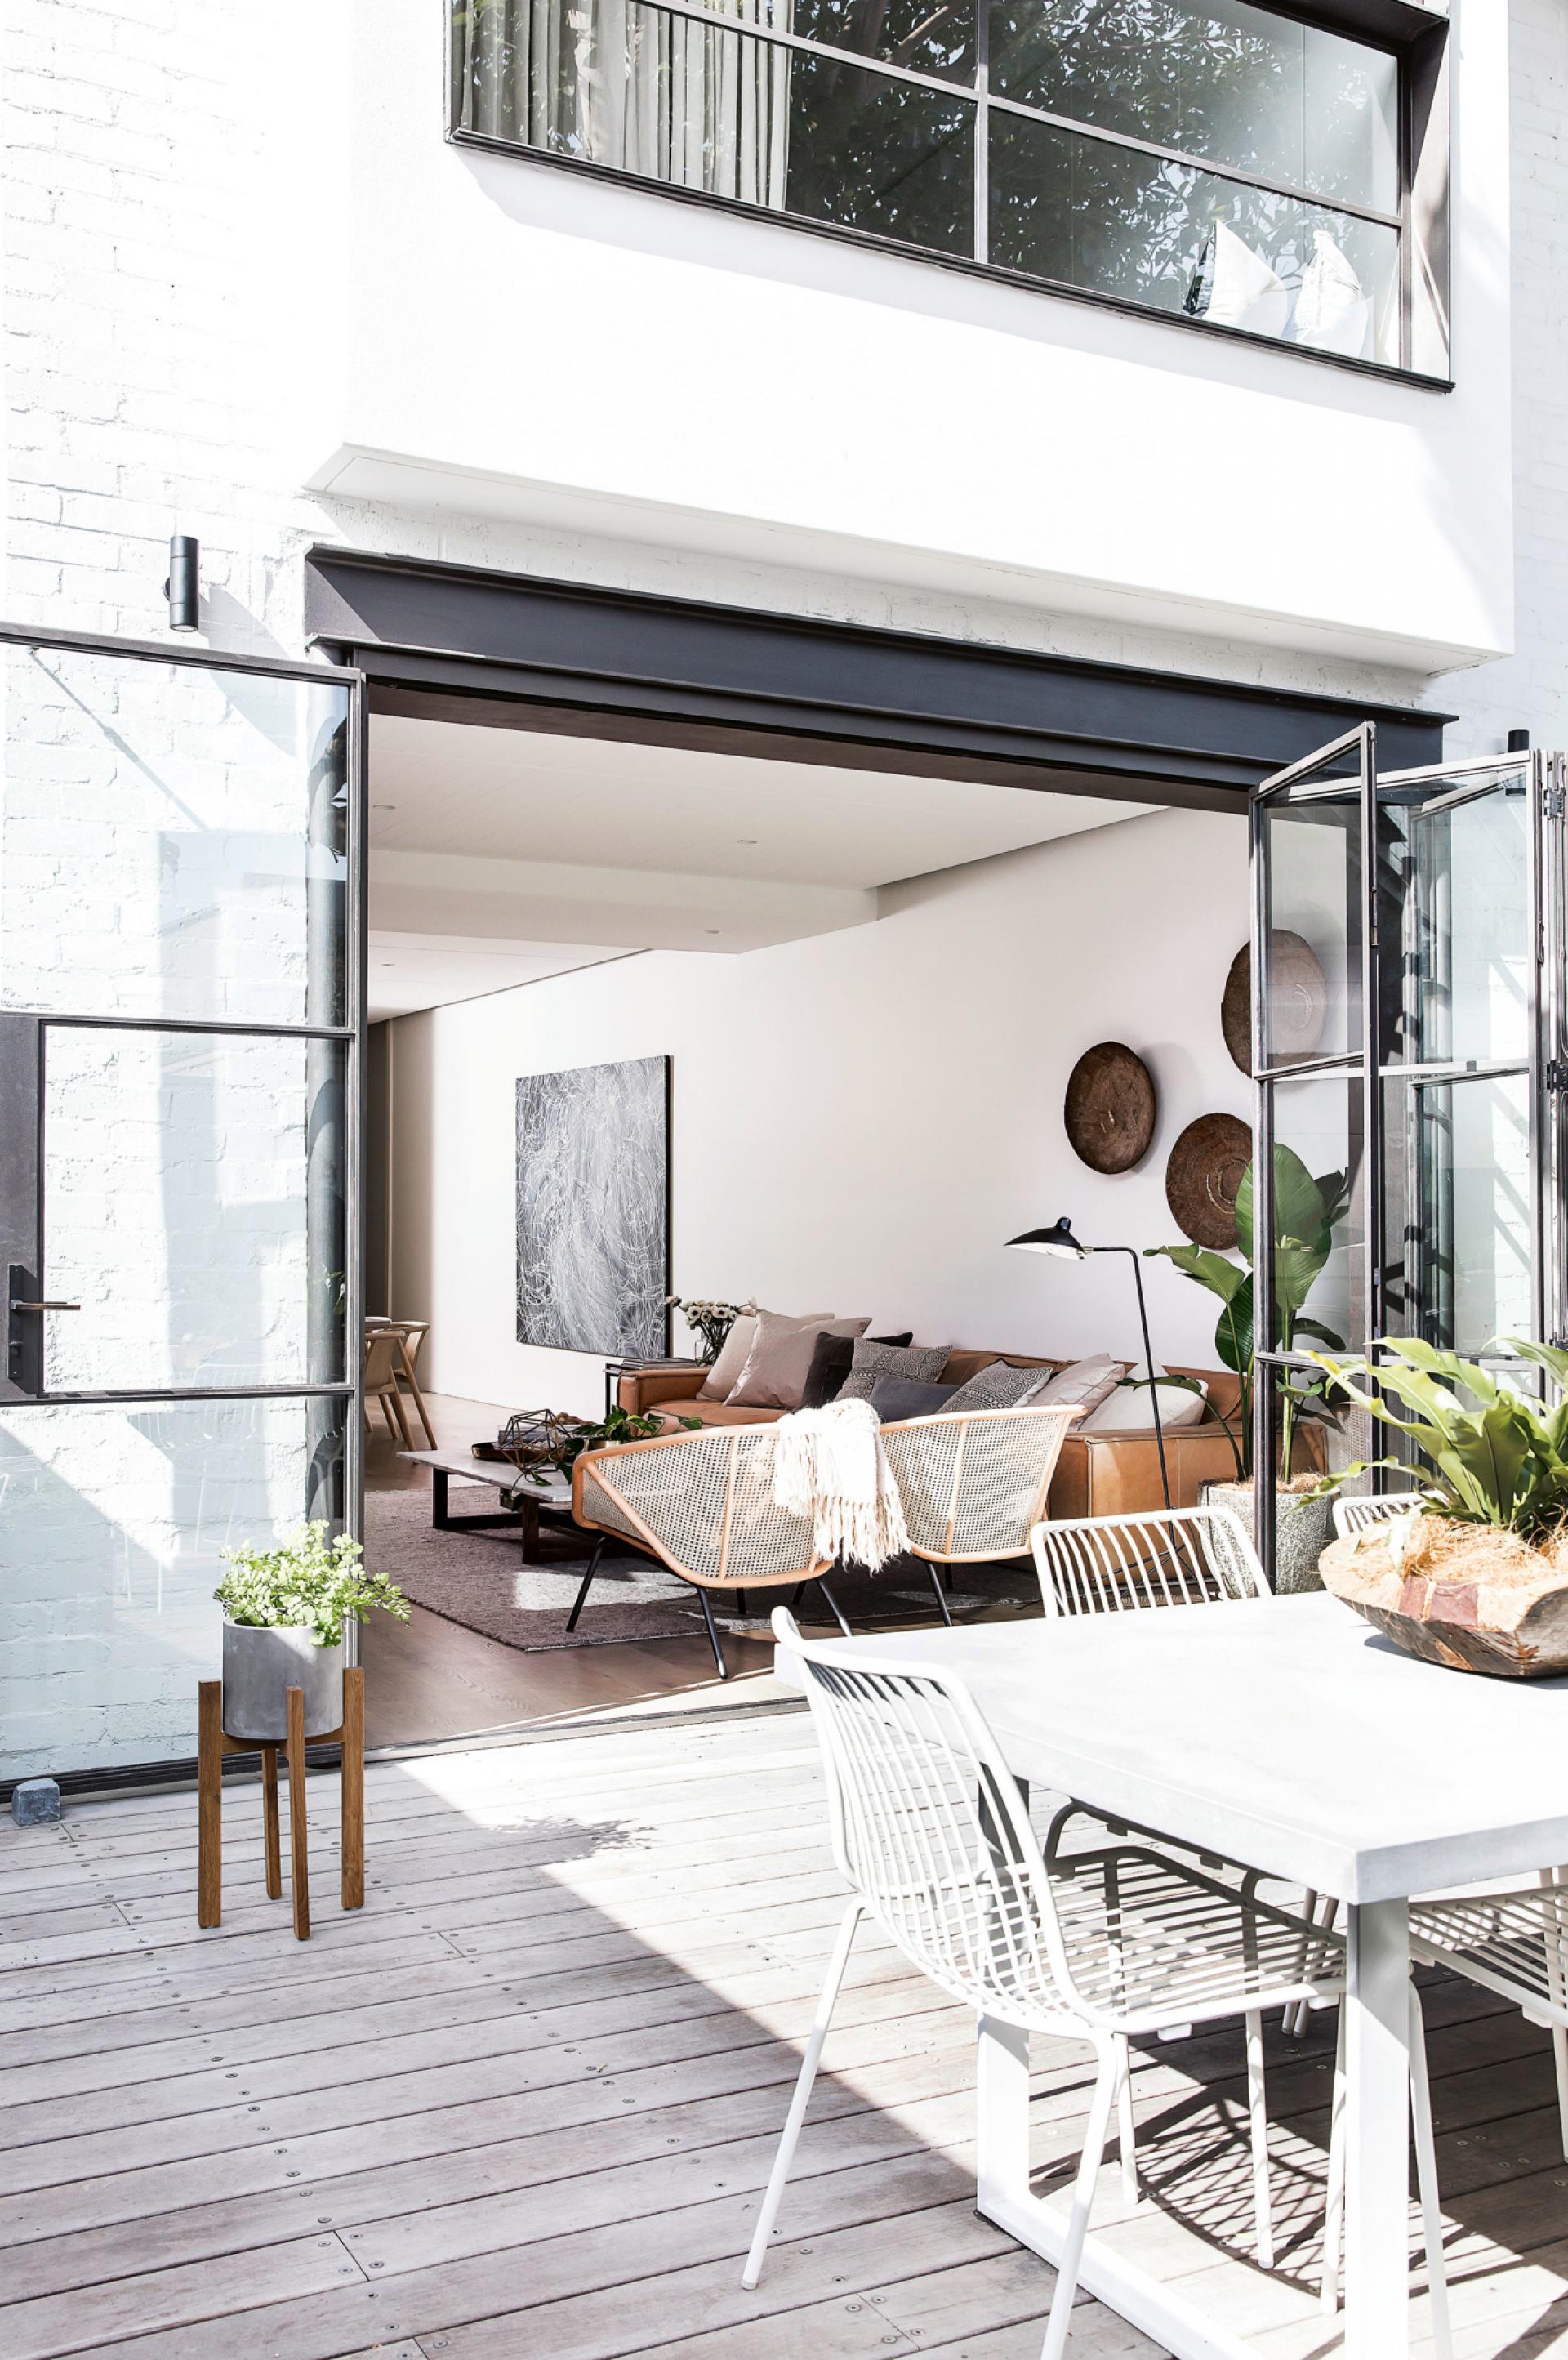 Una casa affacciata sul giardino in the mood for design - Design giardino casa ...